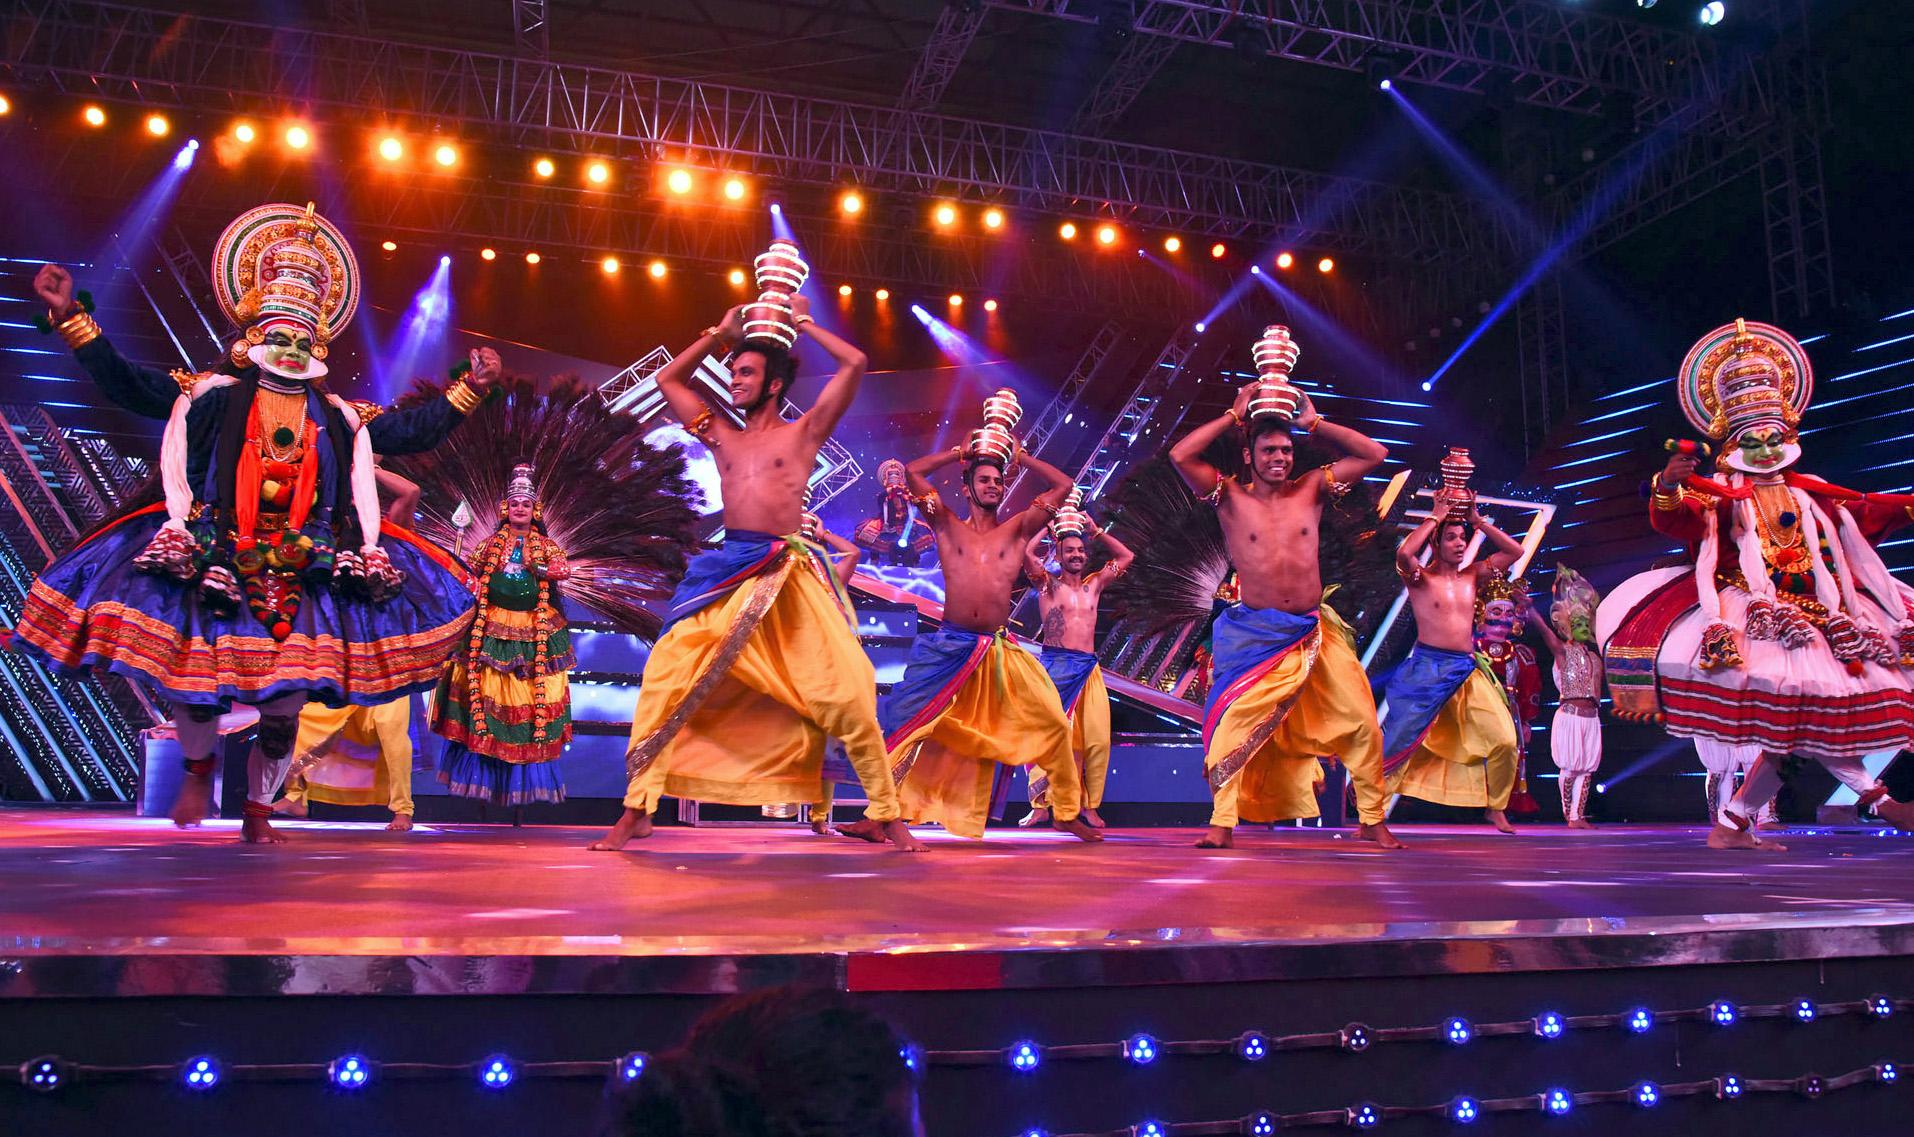 भारत का 48वां अंतर्राष्ट्रीय समारोह का गोवा में उद्घाटन